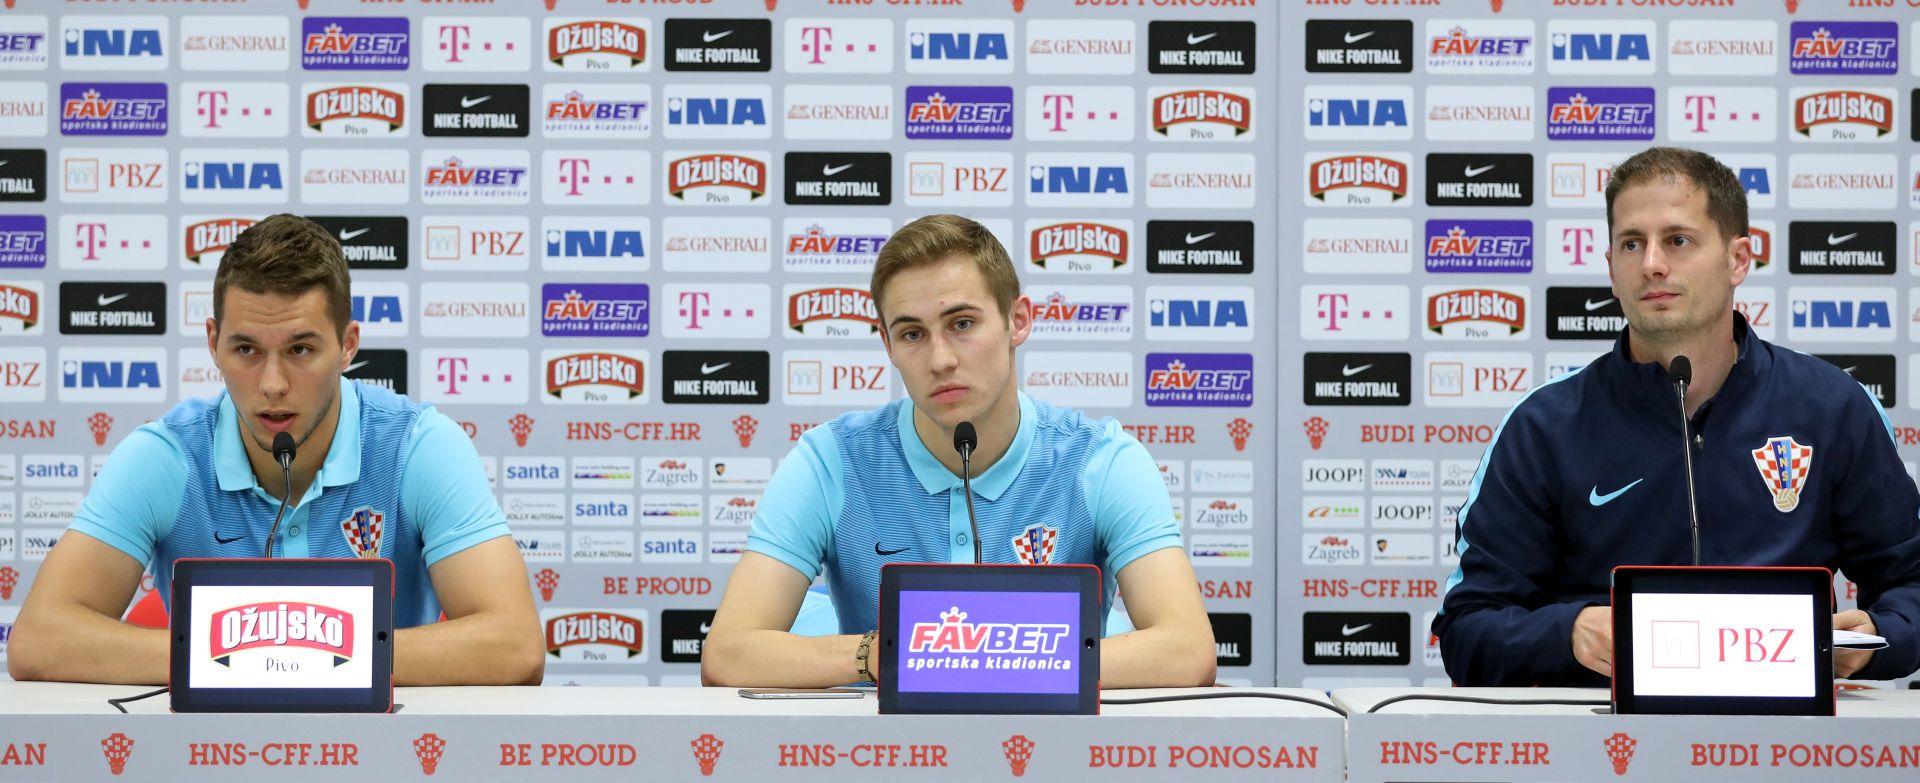 Marko Rog korak do transfera u Eintracht